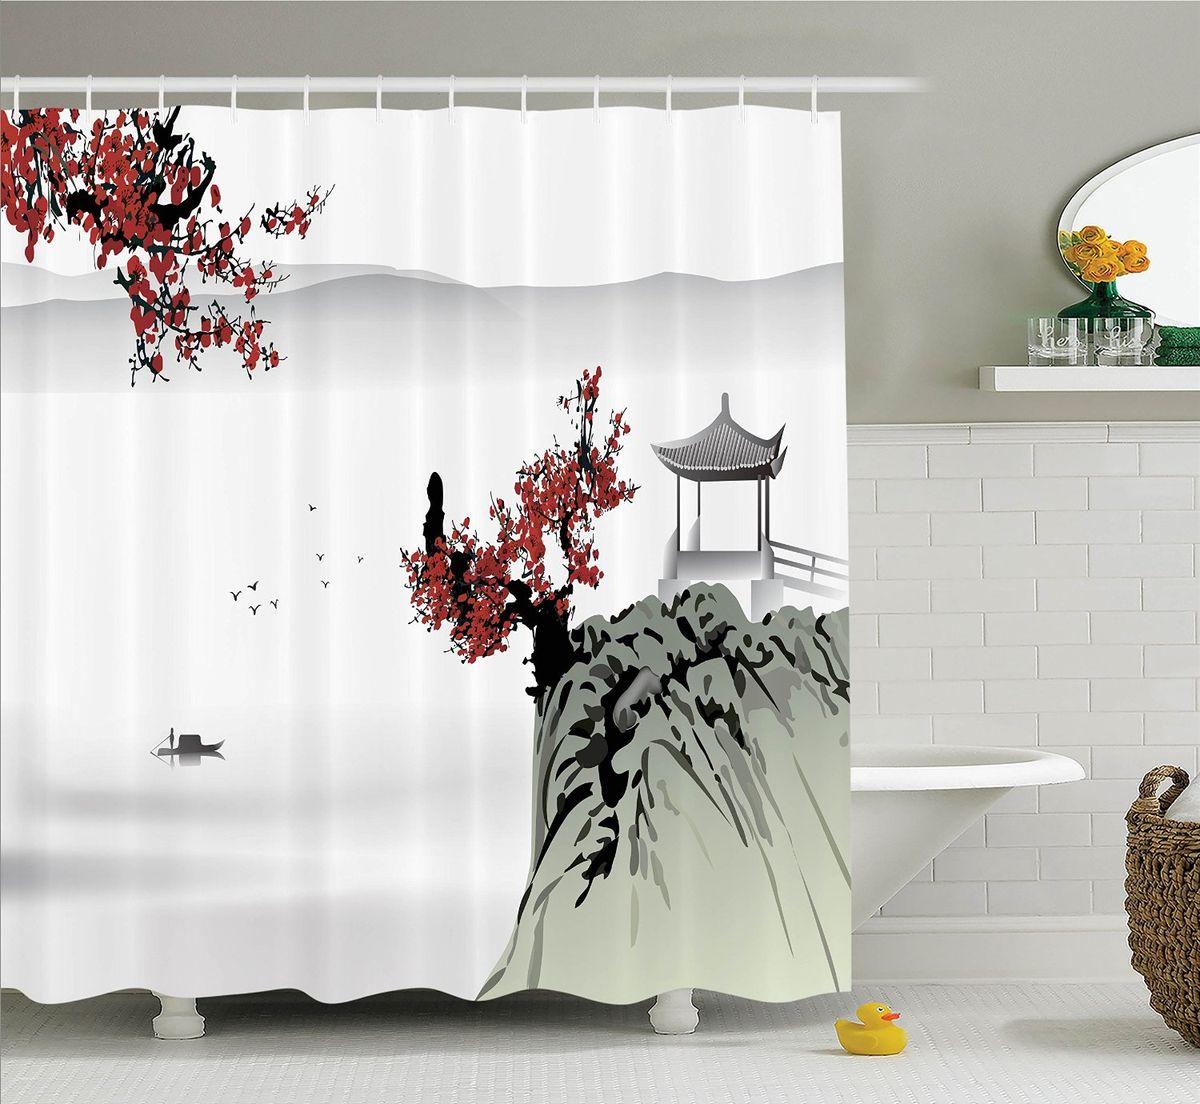 Штора для ванной комнаты Magic Lady Сакура и беседка на горе, 180 х 200 см фотоштора для ванной утка принимает душ magic lady 180 х 200 см